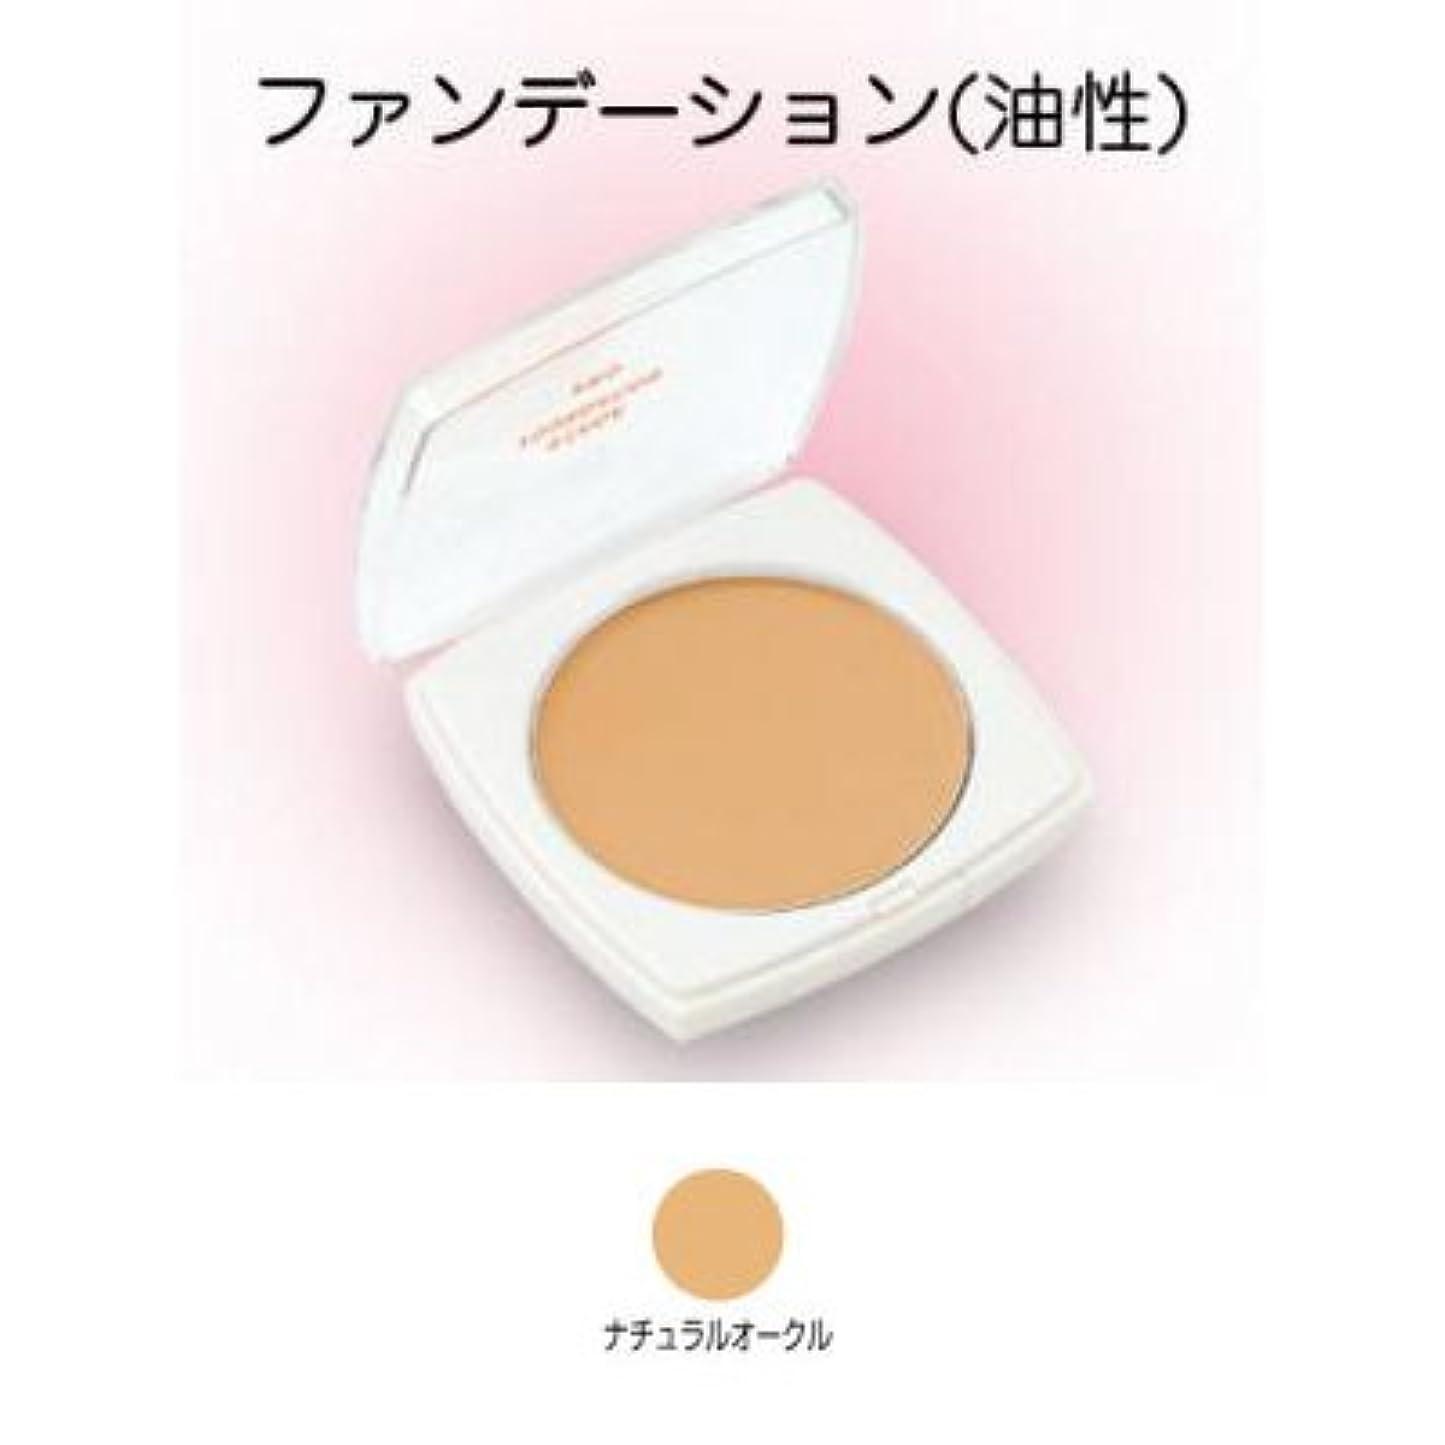 カプラー文字通りサービスステージファンデーション プロ 13g ナチュラルオークル 【三善】